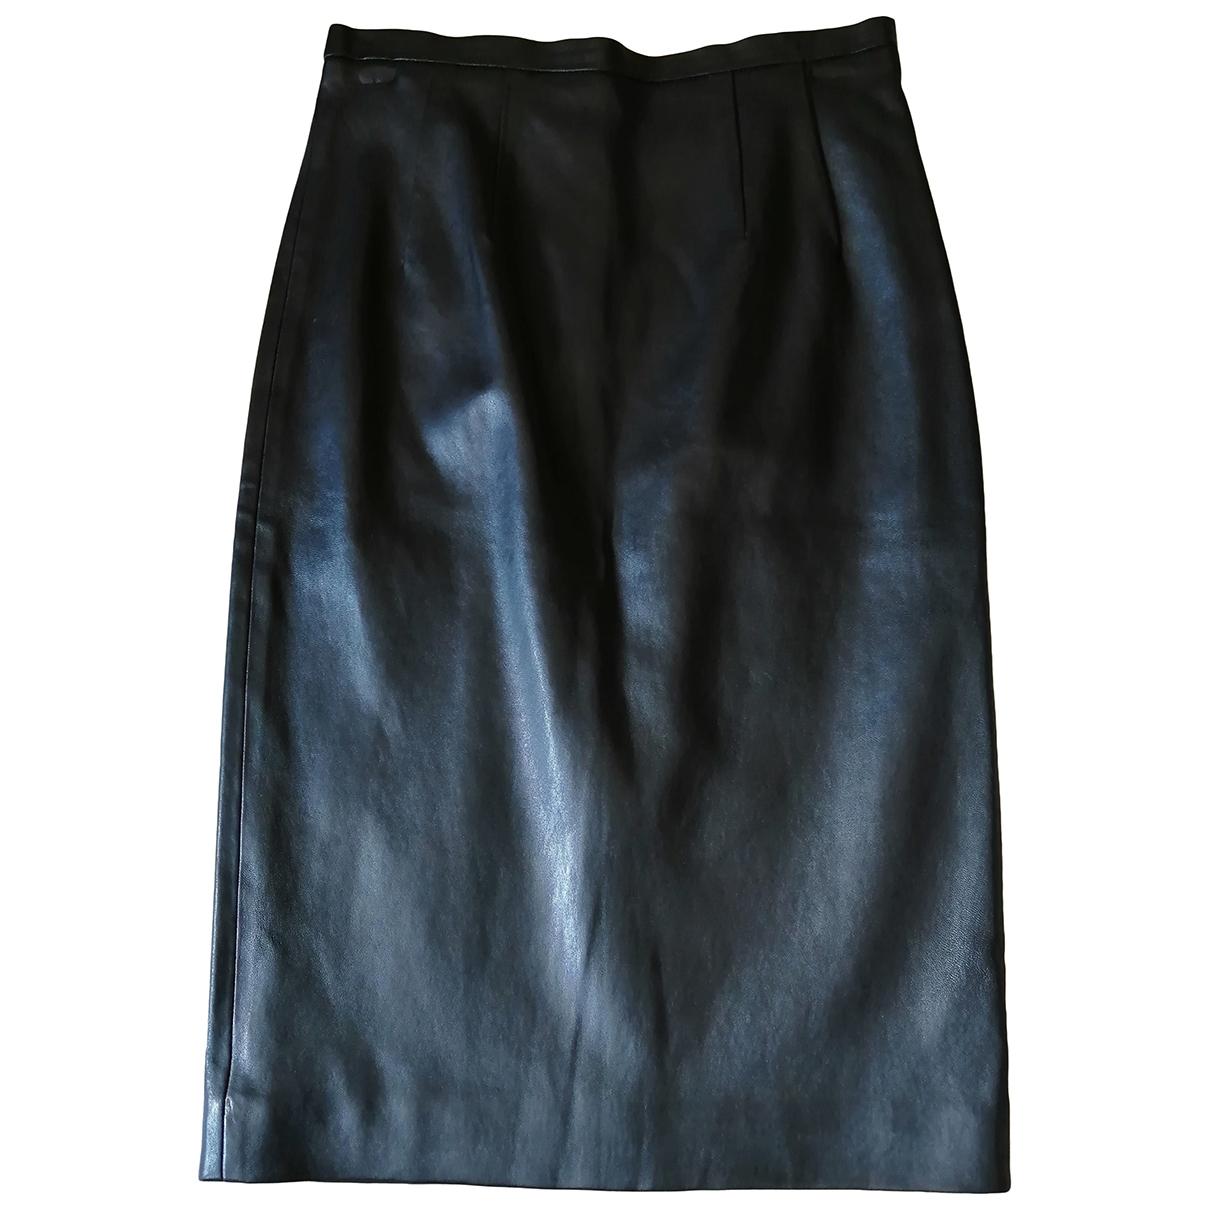 Paul & Joe \N Black Leather skirt for Women 38 FR